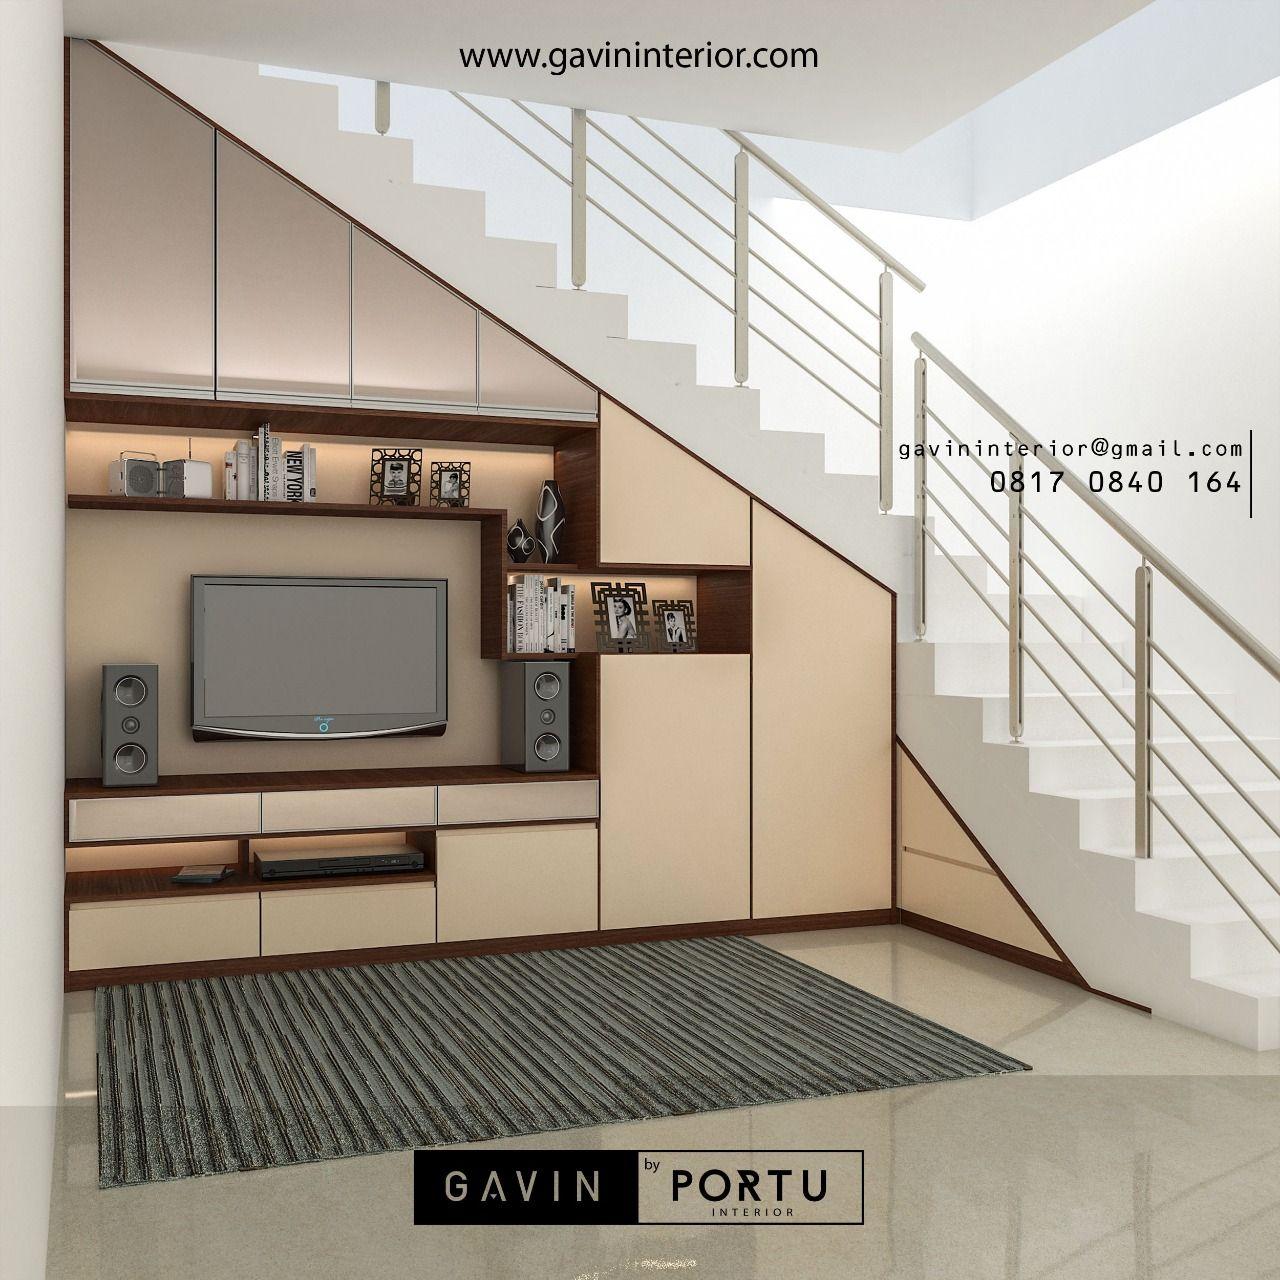 Ruang Bawah Tangga Rumah Minimalis Cek Bahan Bangunan Ruang bawah tangga rumah minimalis